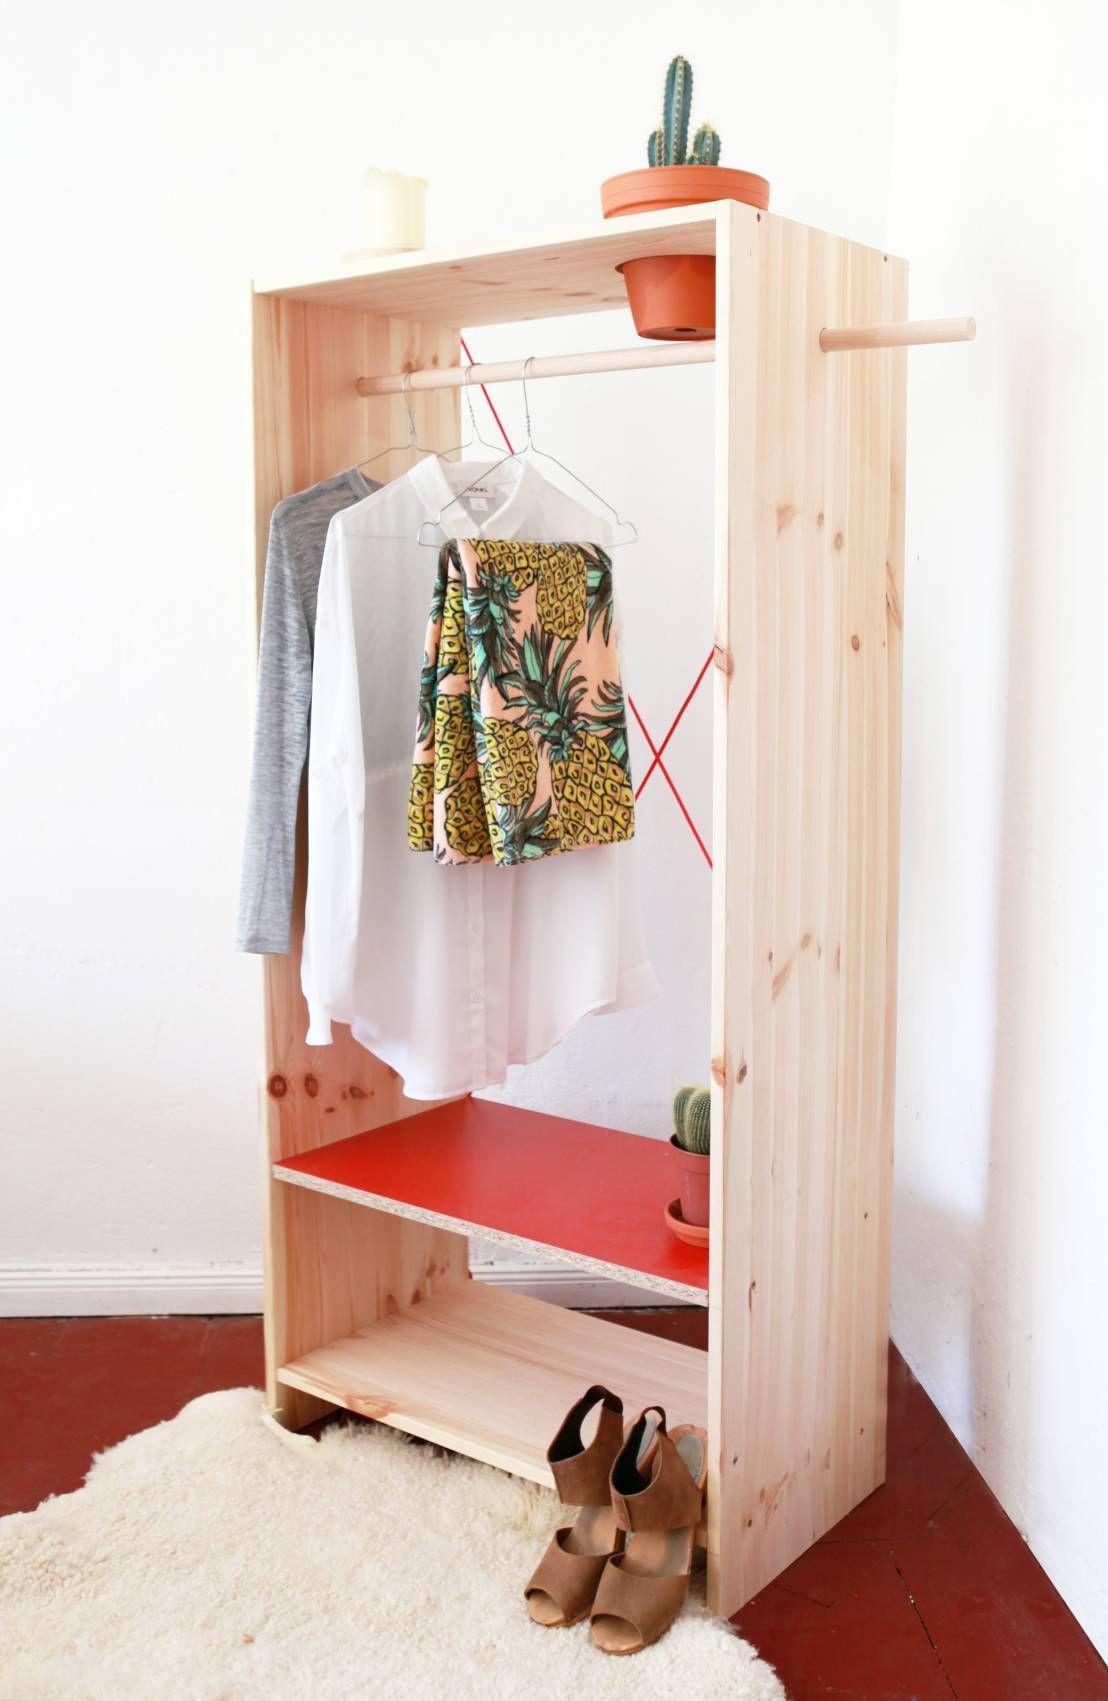 Bedroom Decoration 39 ideas de diseño gratis in 2020